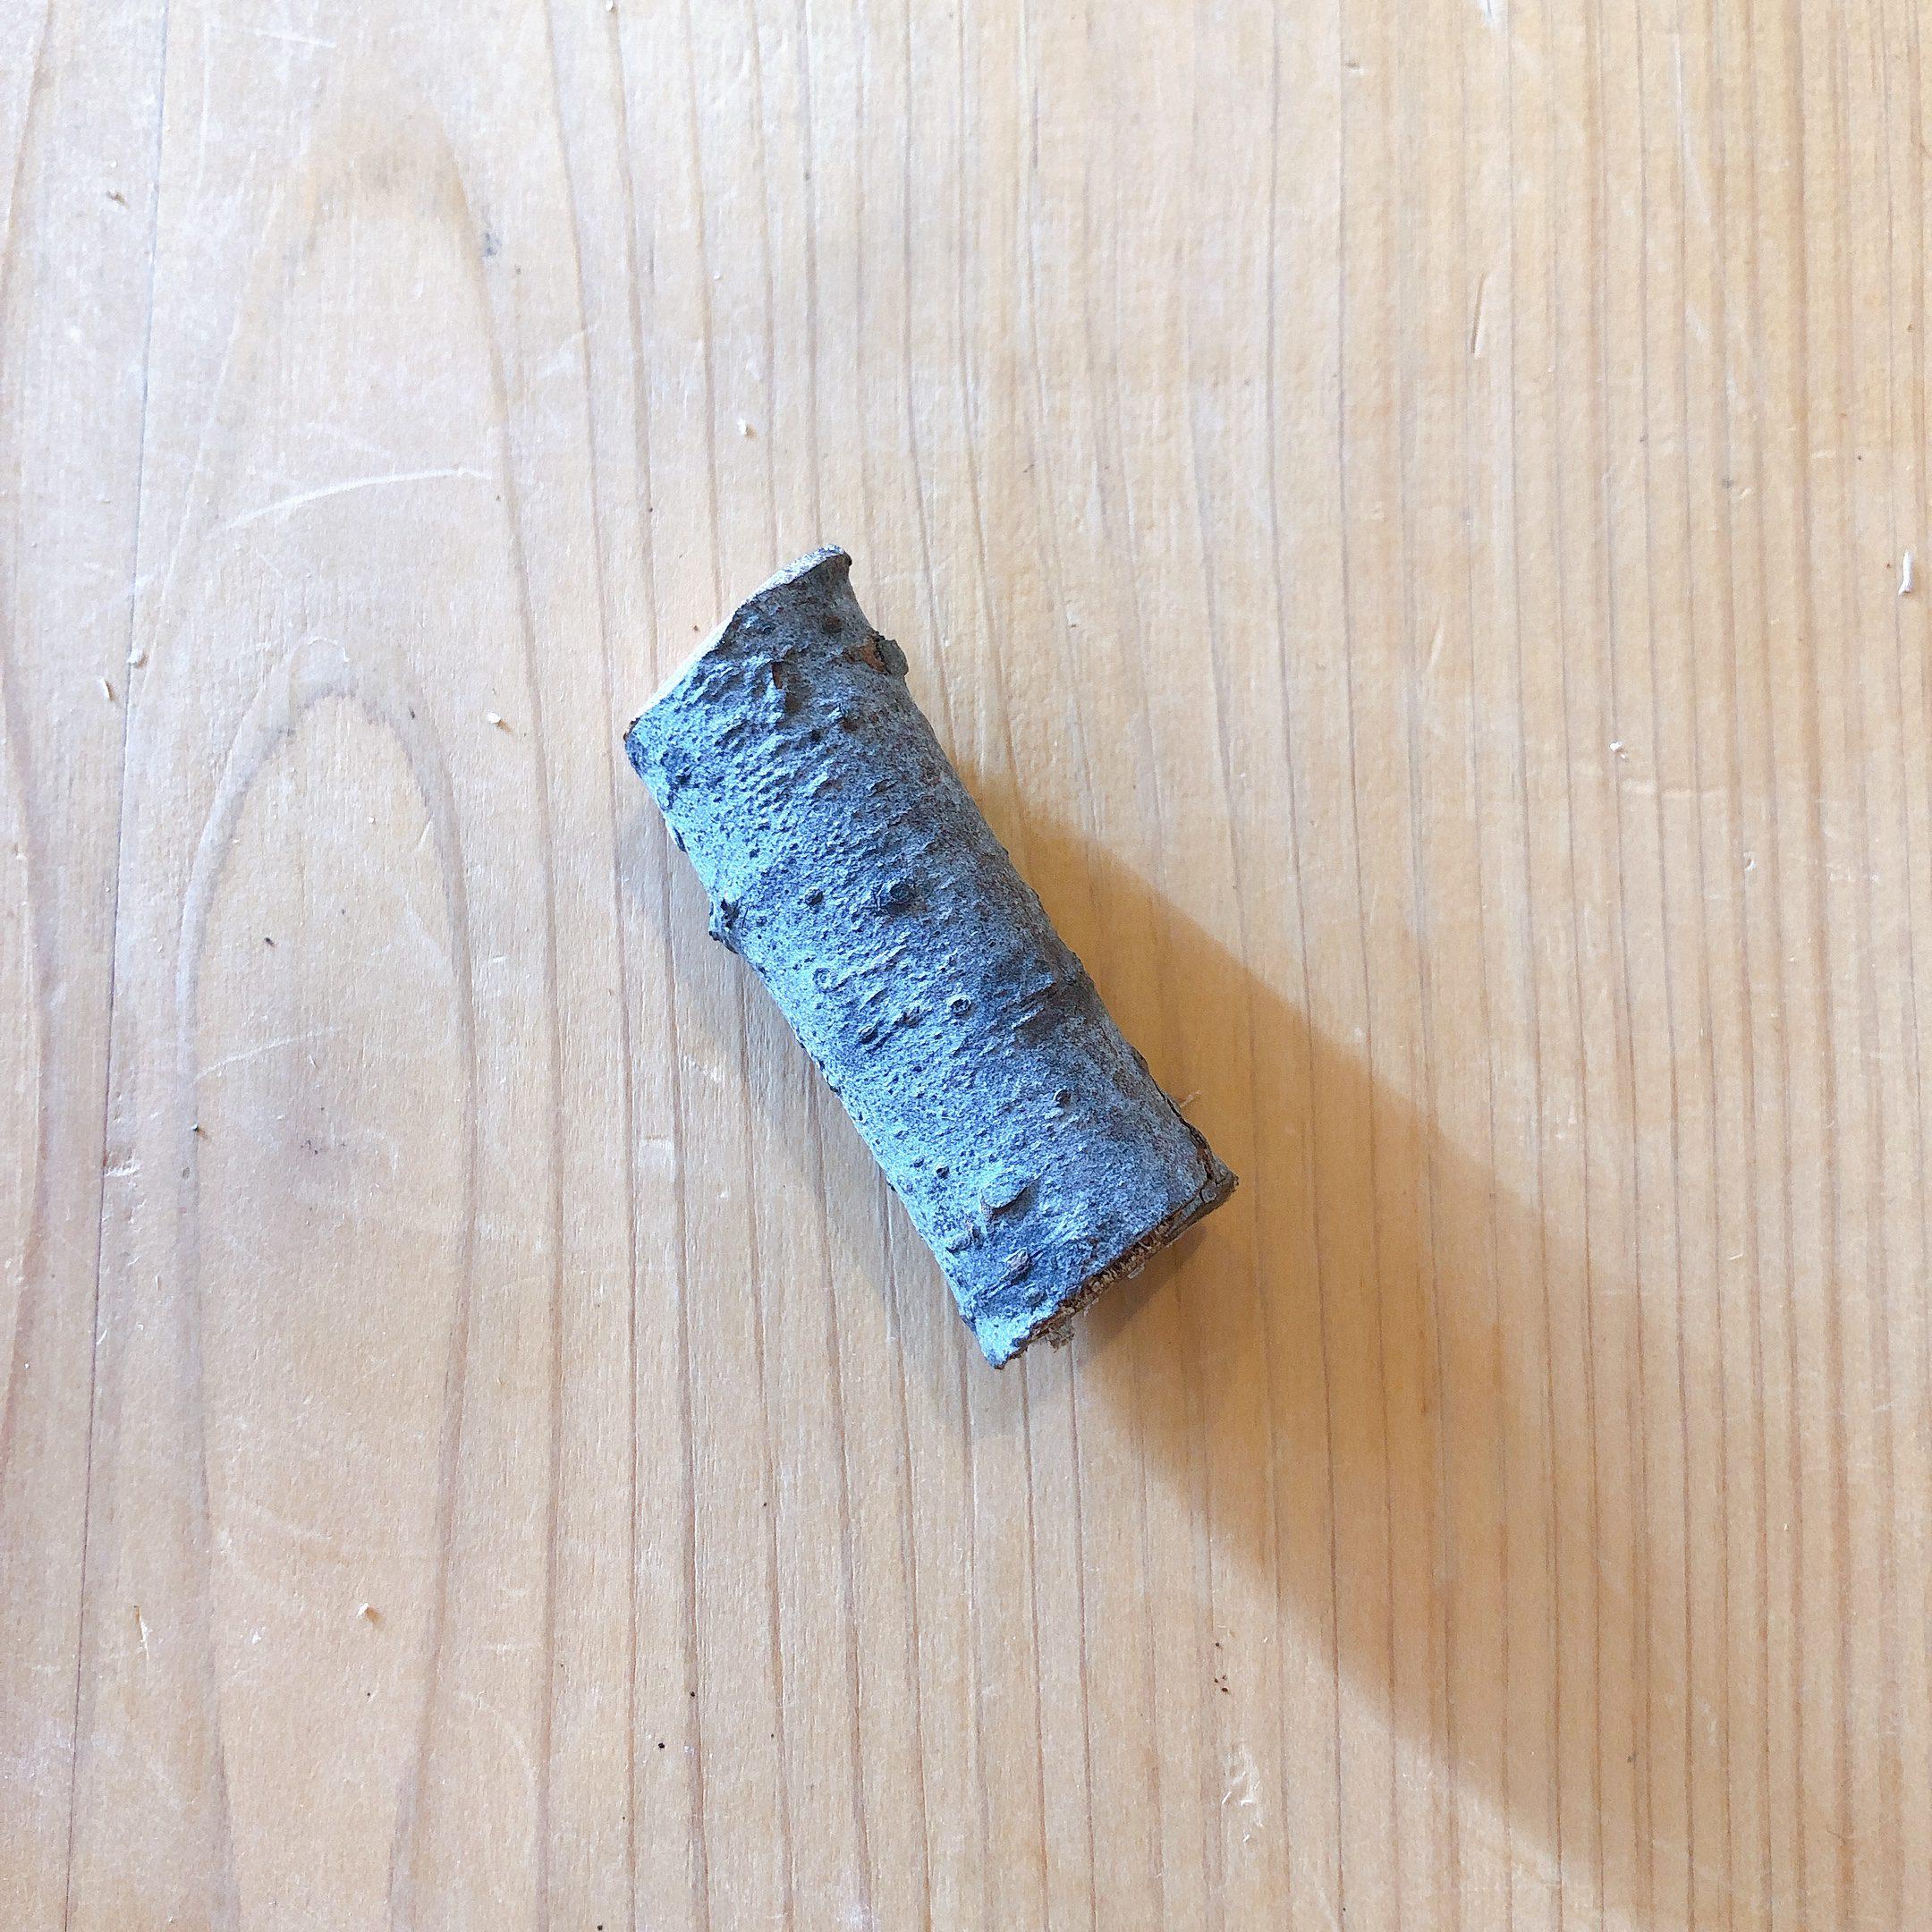 6.5センチ程度の棒きれ、木片など